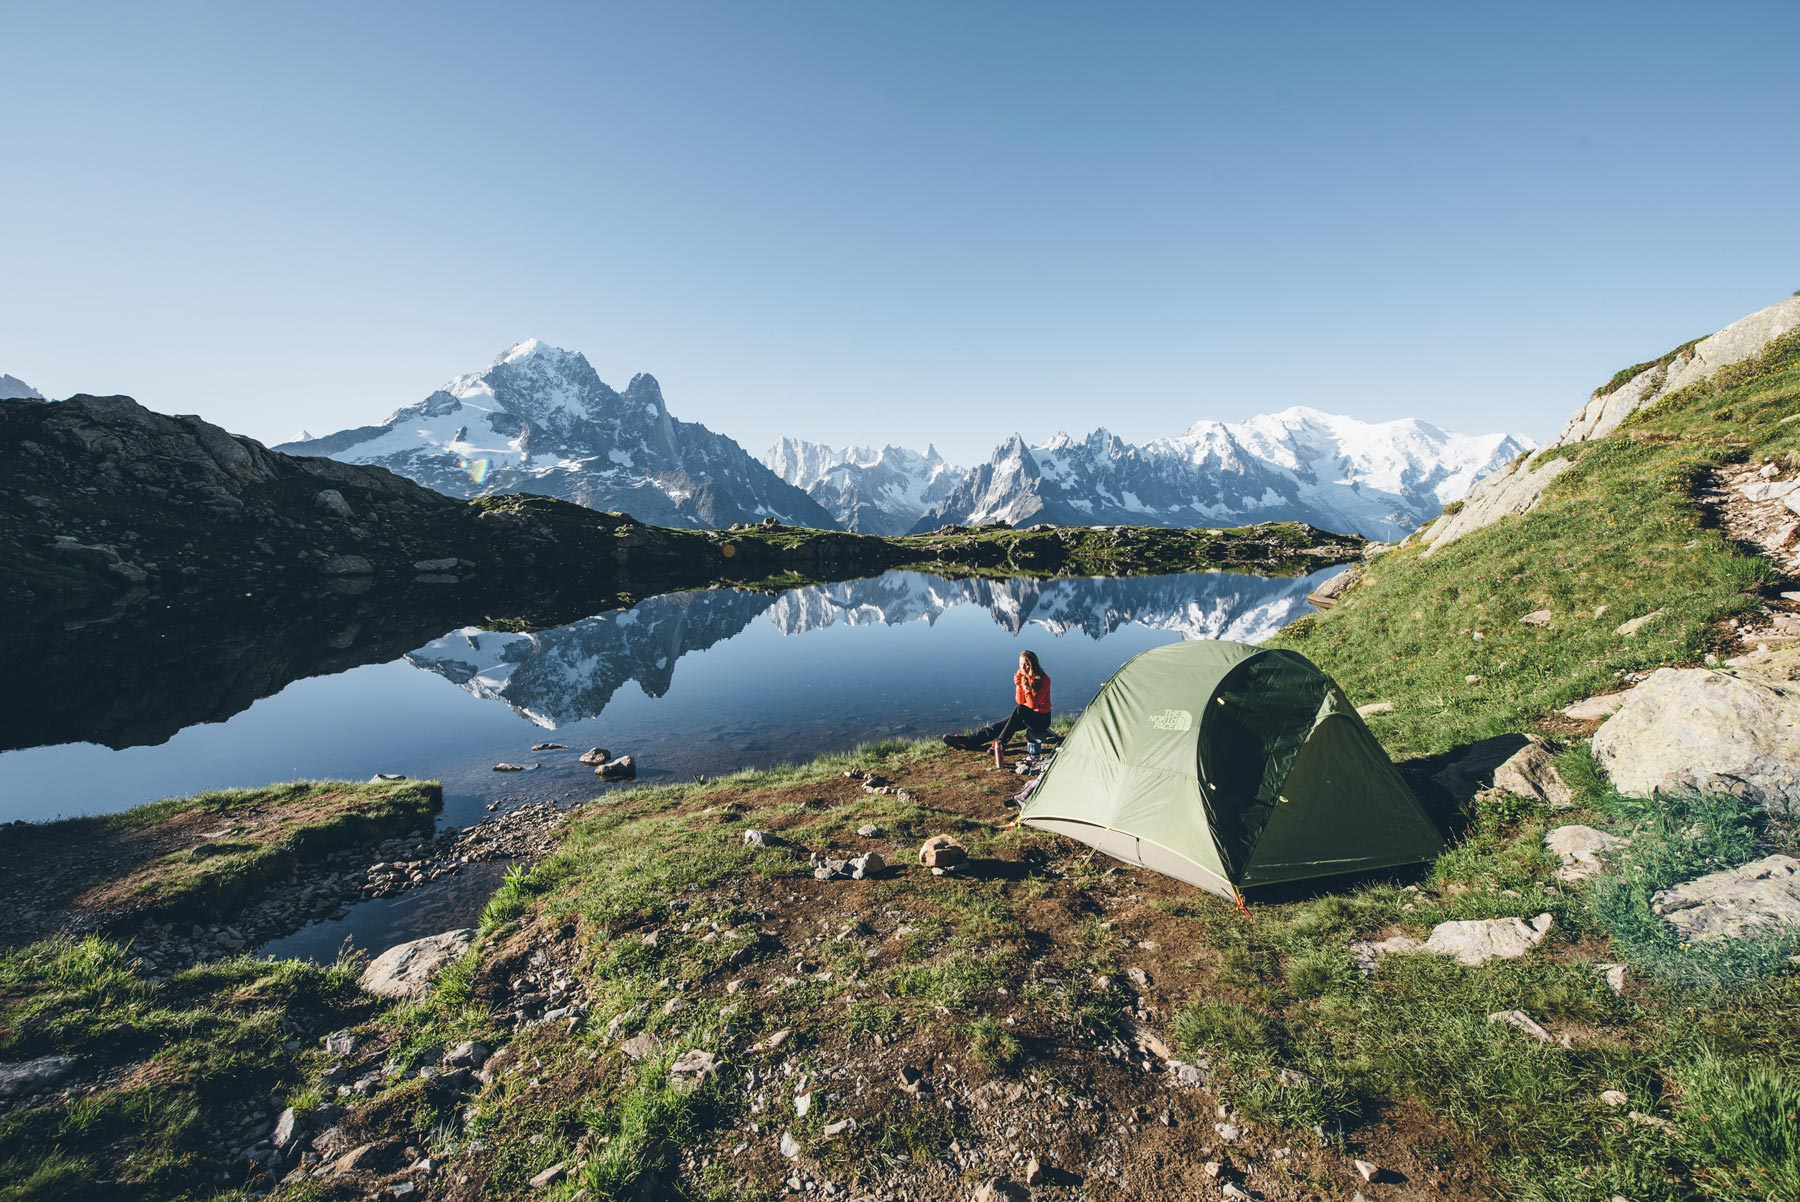 Ou faire un bivouac dans les Alpes? : Lac de Cheserys